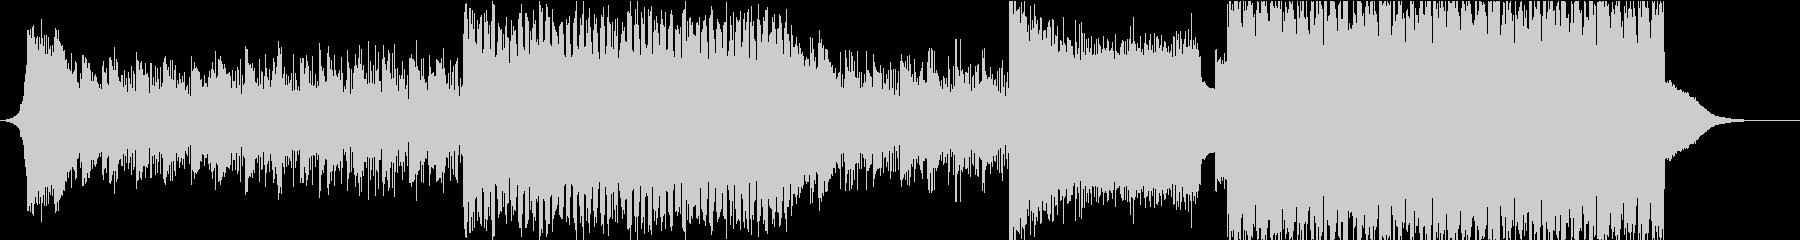 壮大なピアノサウンドの熱狂EDMの未再生の波形